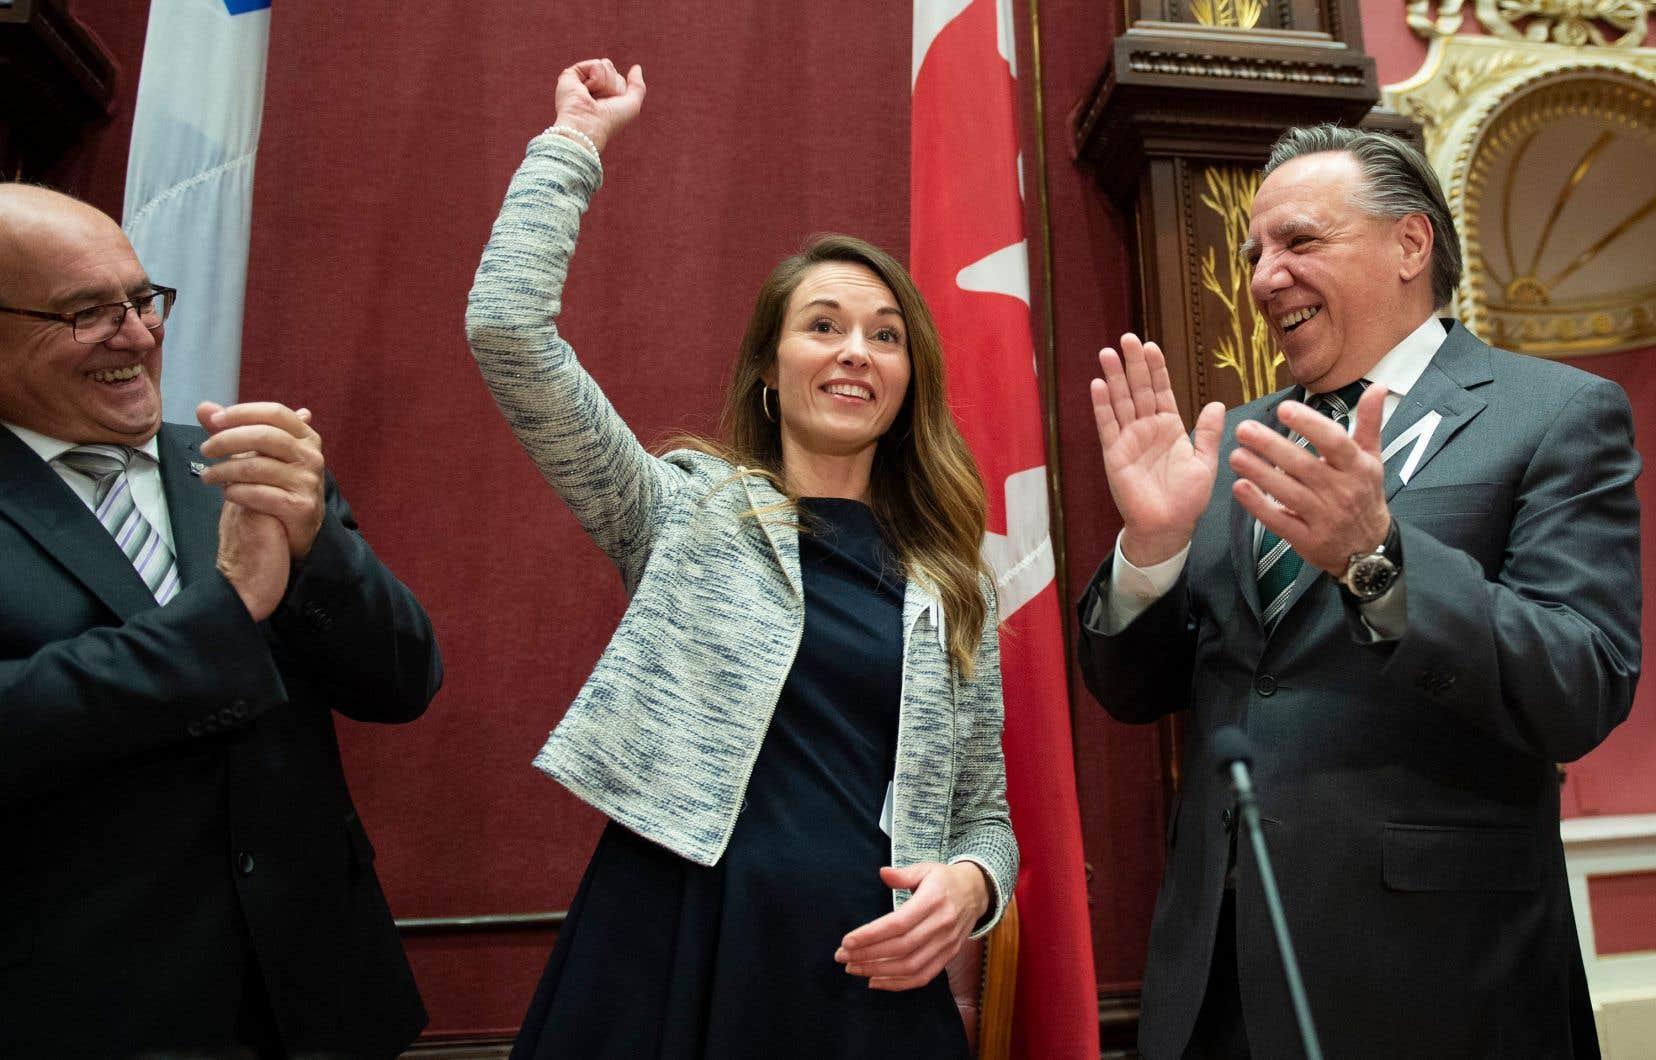 Le chef de la CAQ et premier ministre du Québec, François Legault, était bien fier de présenter à son caucus de députés la nouvelle élue de Jean-Talon, Joëlle Boutin. Mario Laframboise les accompagne sur la photo.